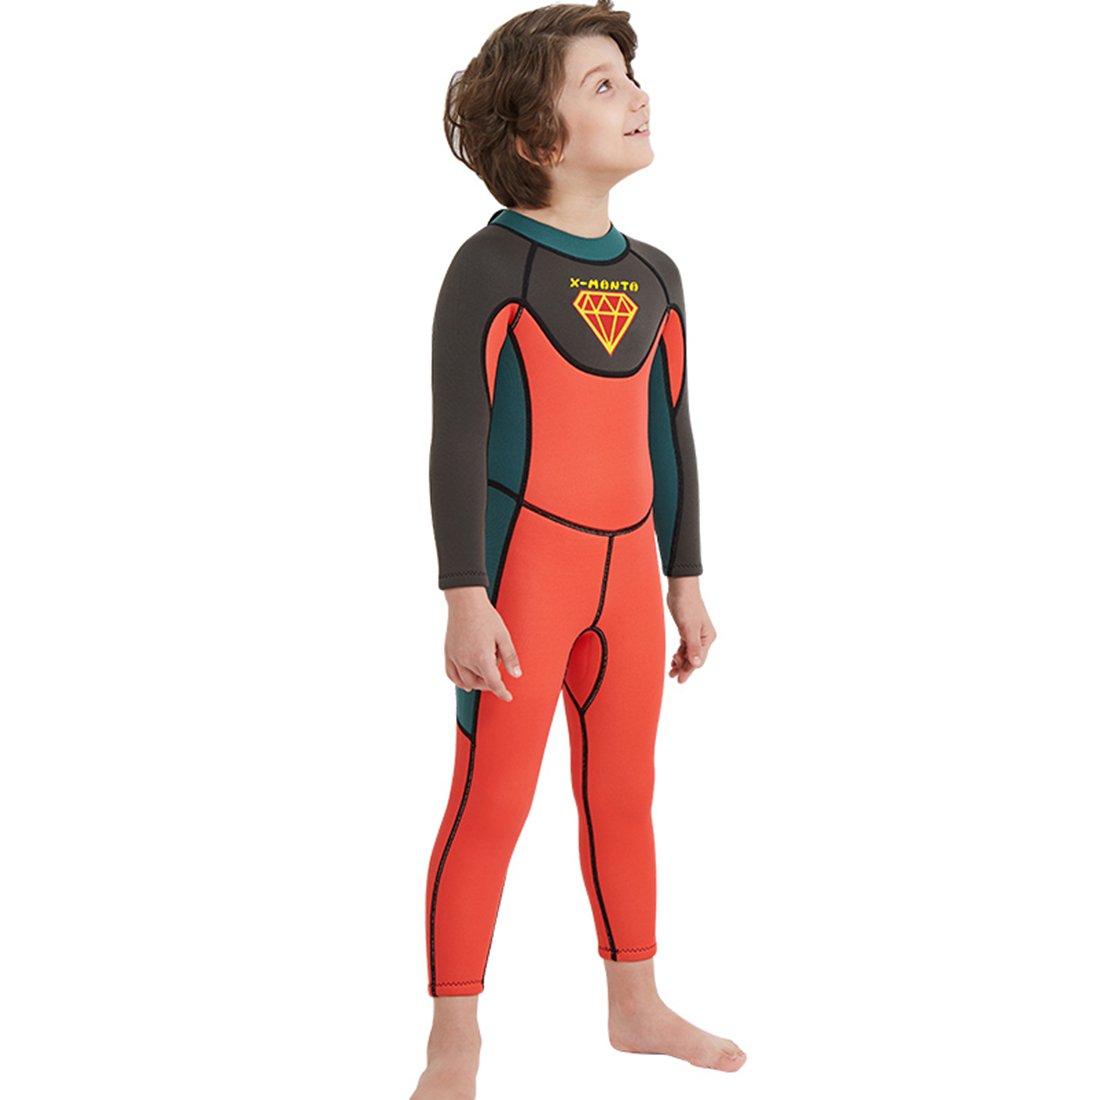 Amazon.com  Nataly Osmann Kids 2.5mm Wetsuit Neoprene 2.5mm Full Body  Diving 228307822